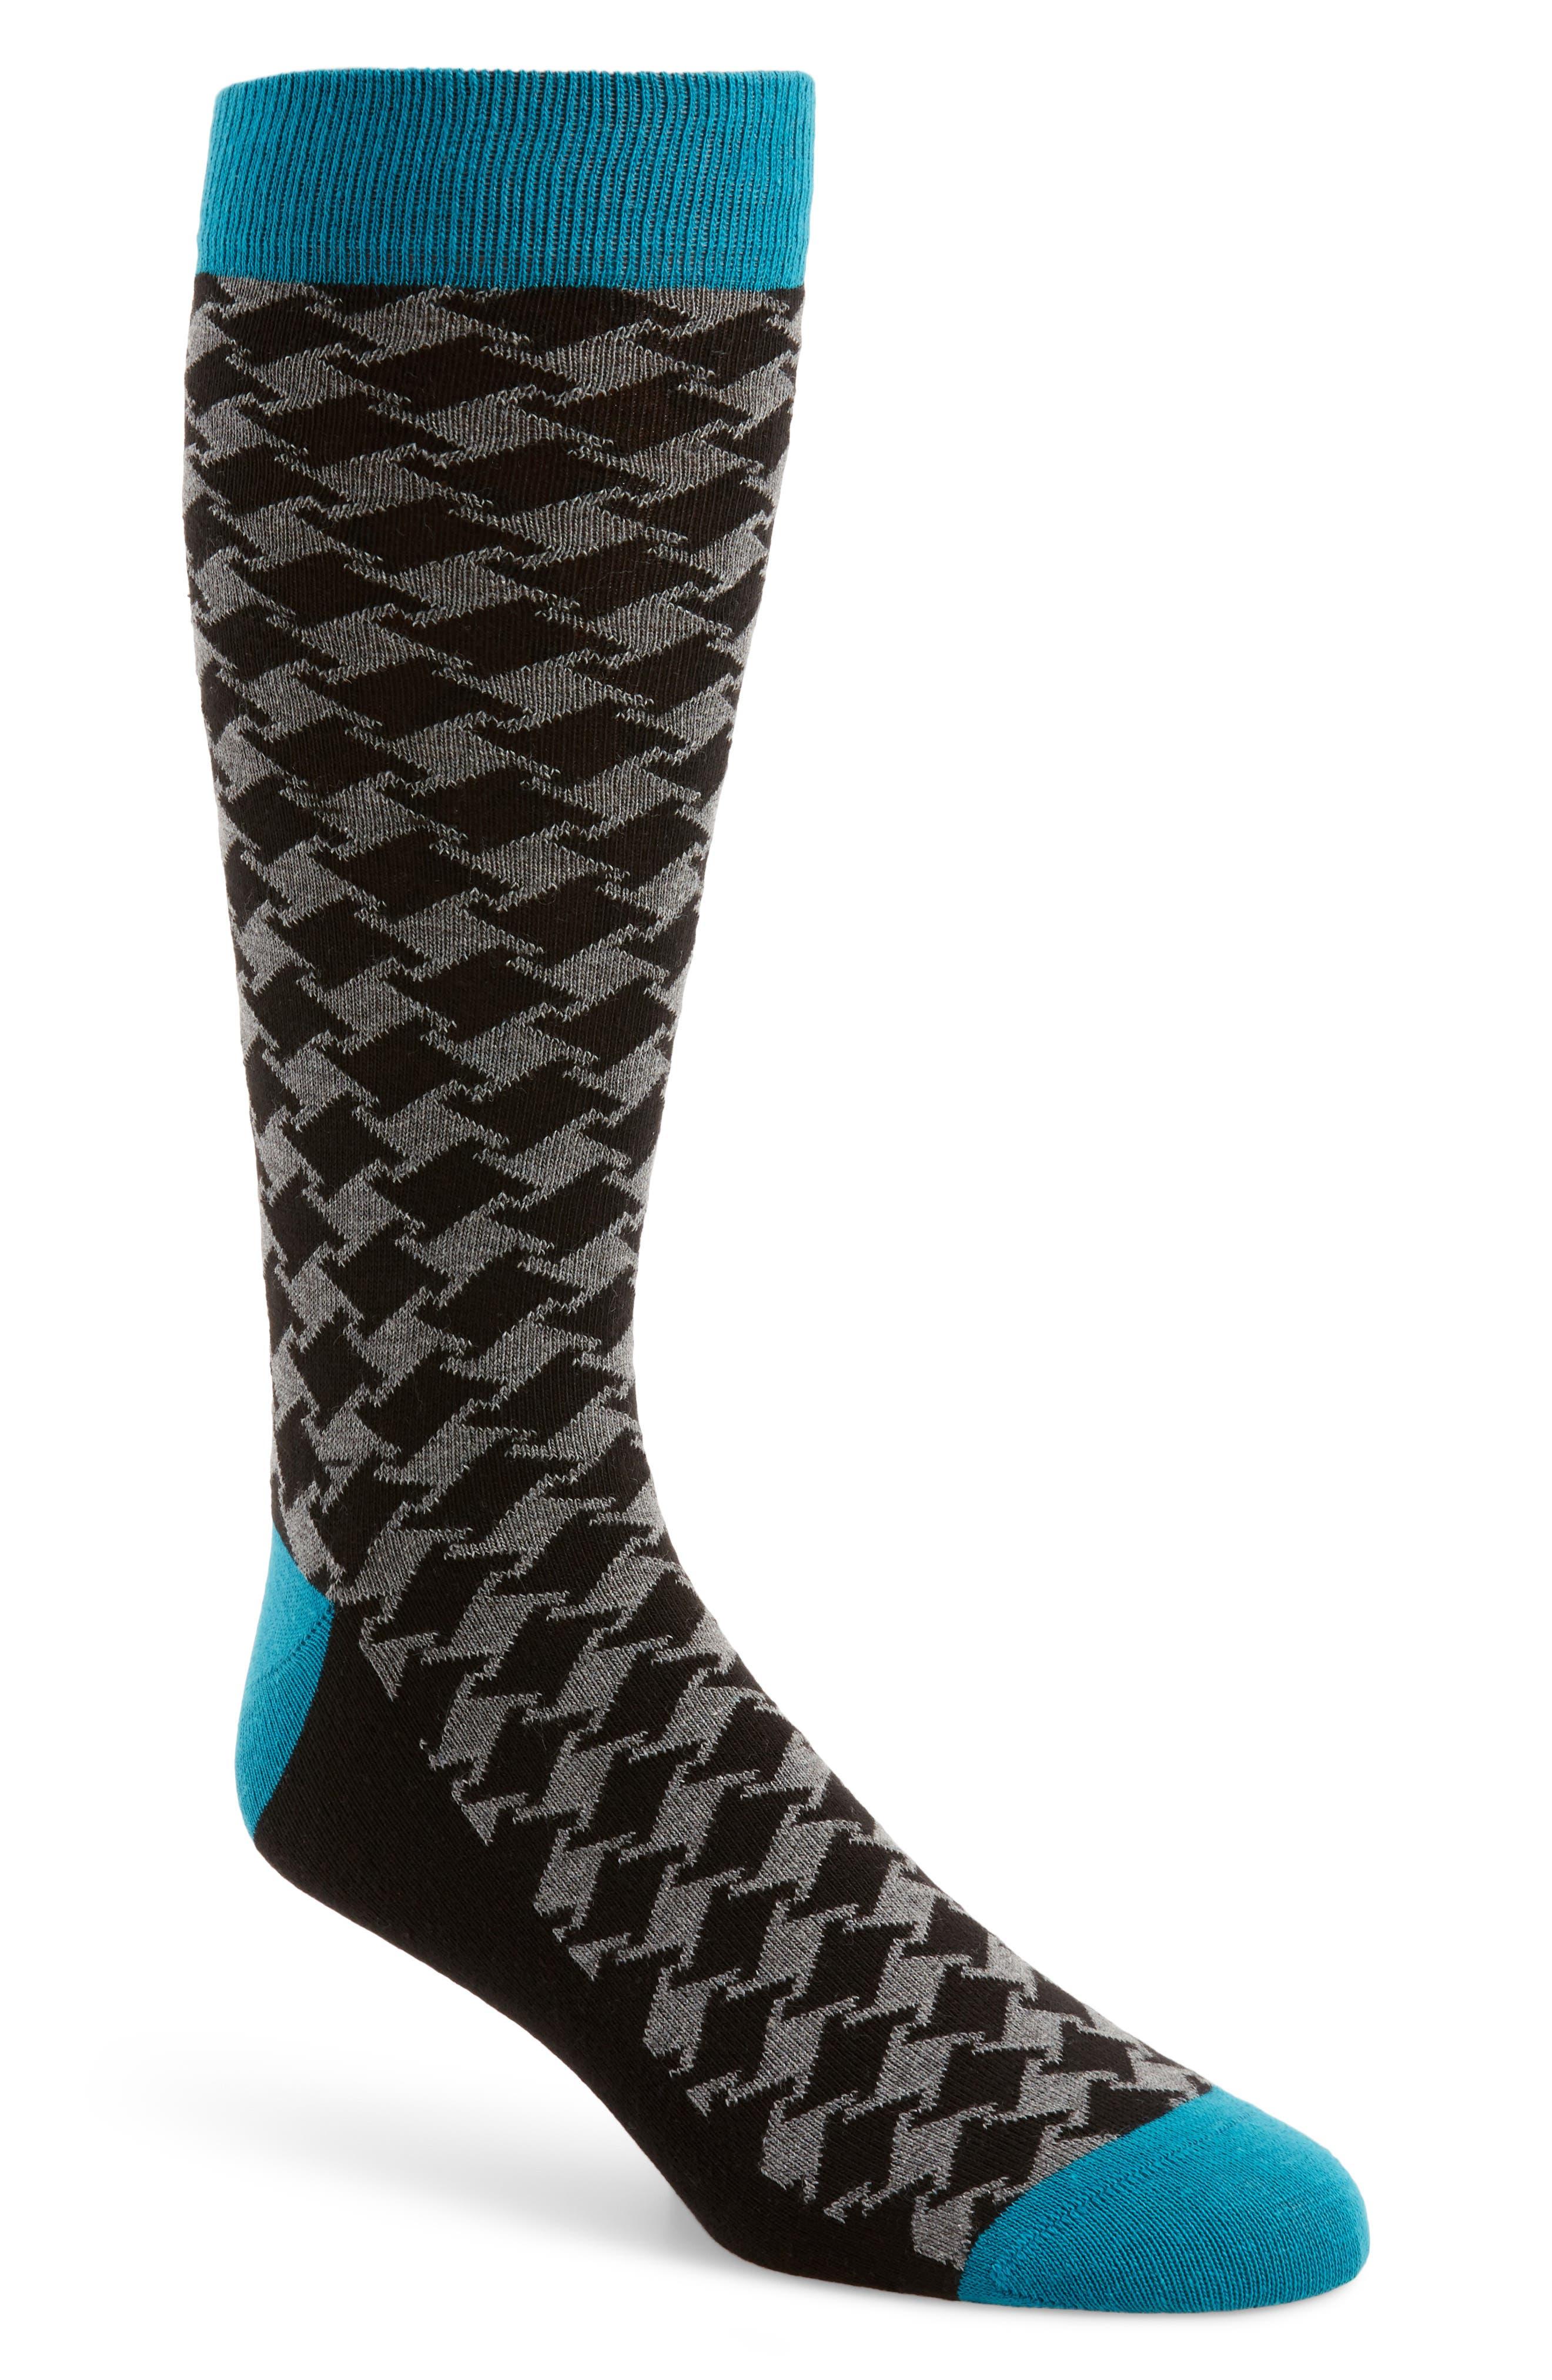 Ted Baker London Houndstooth Socks